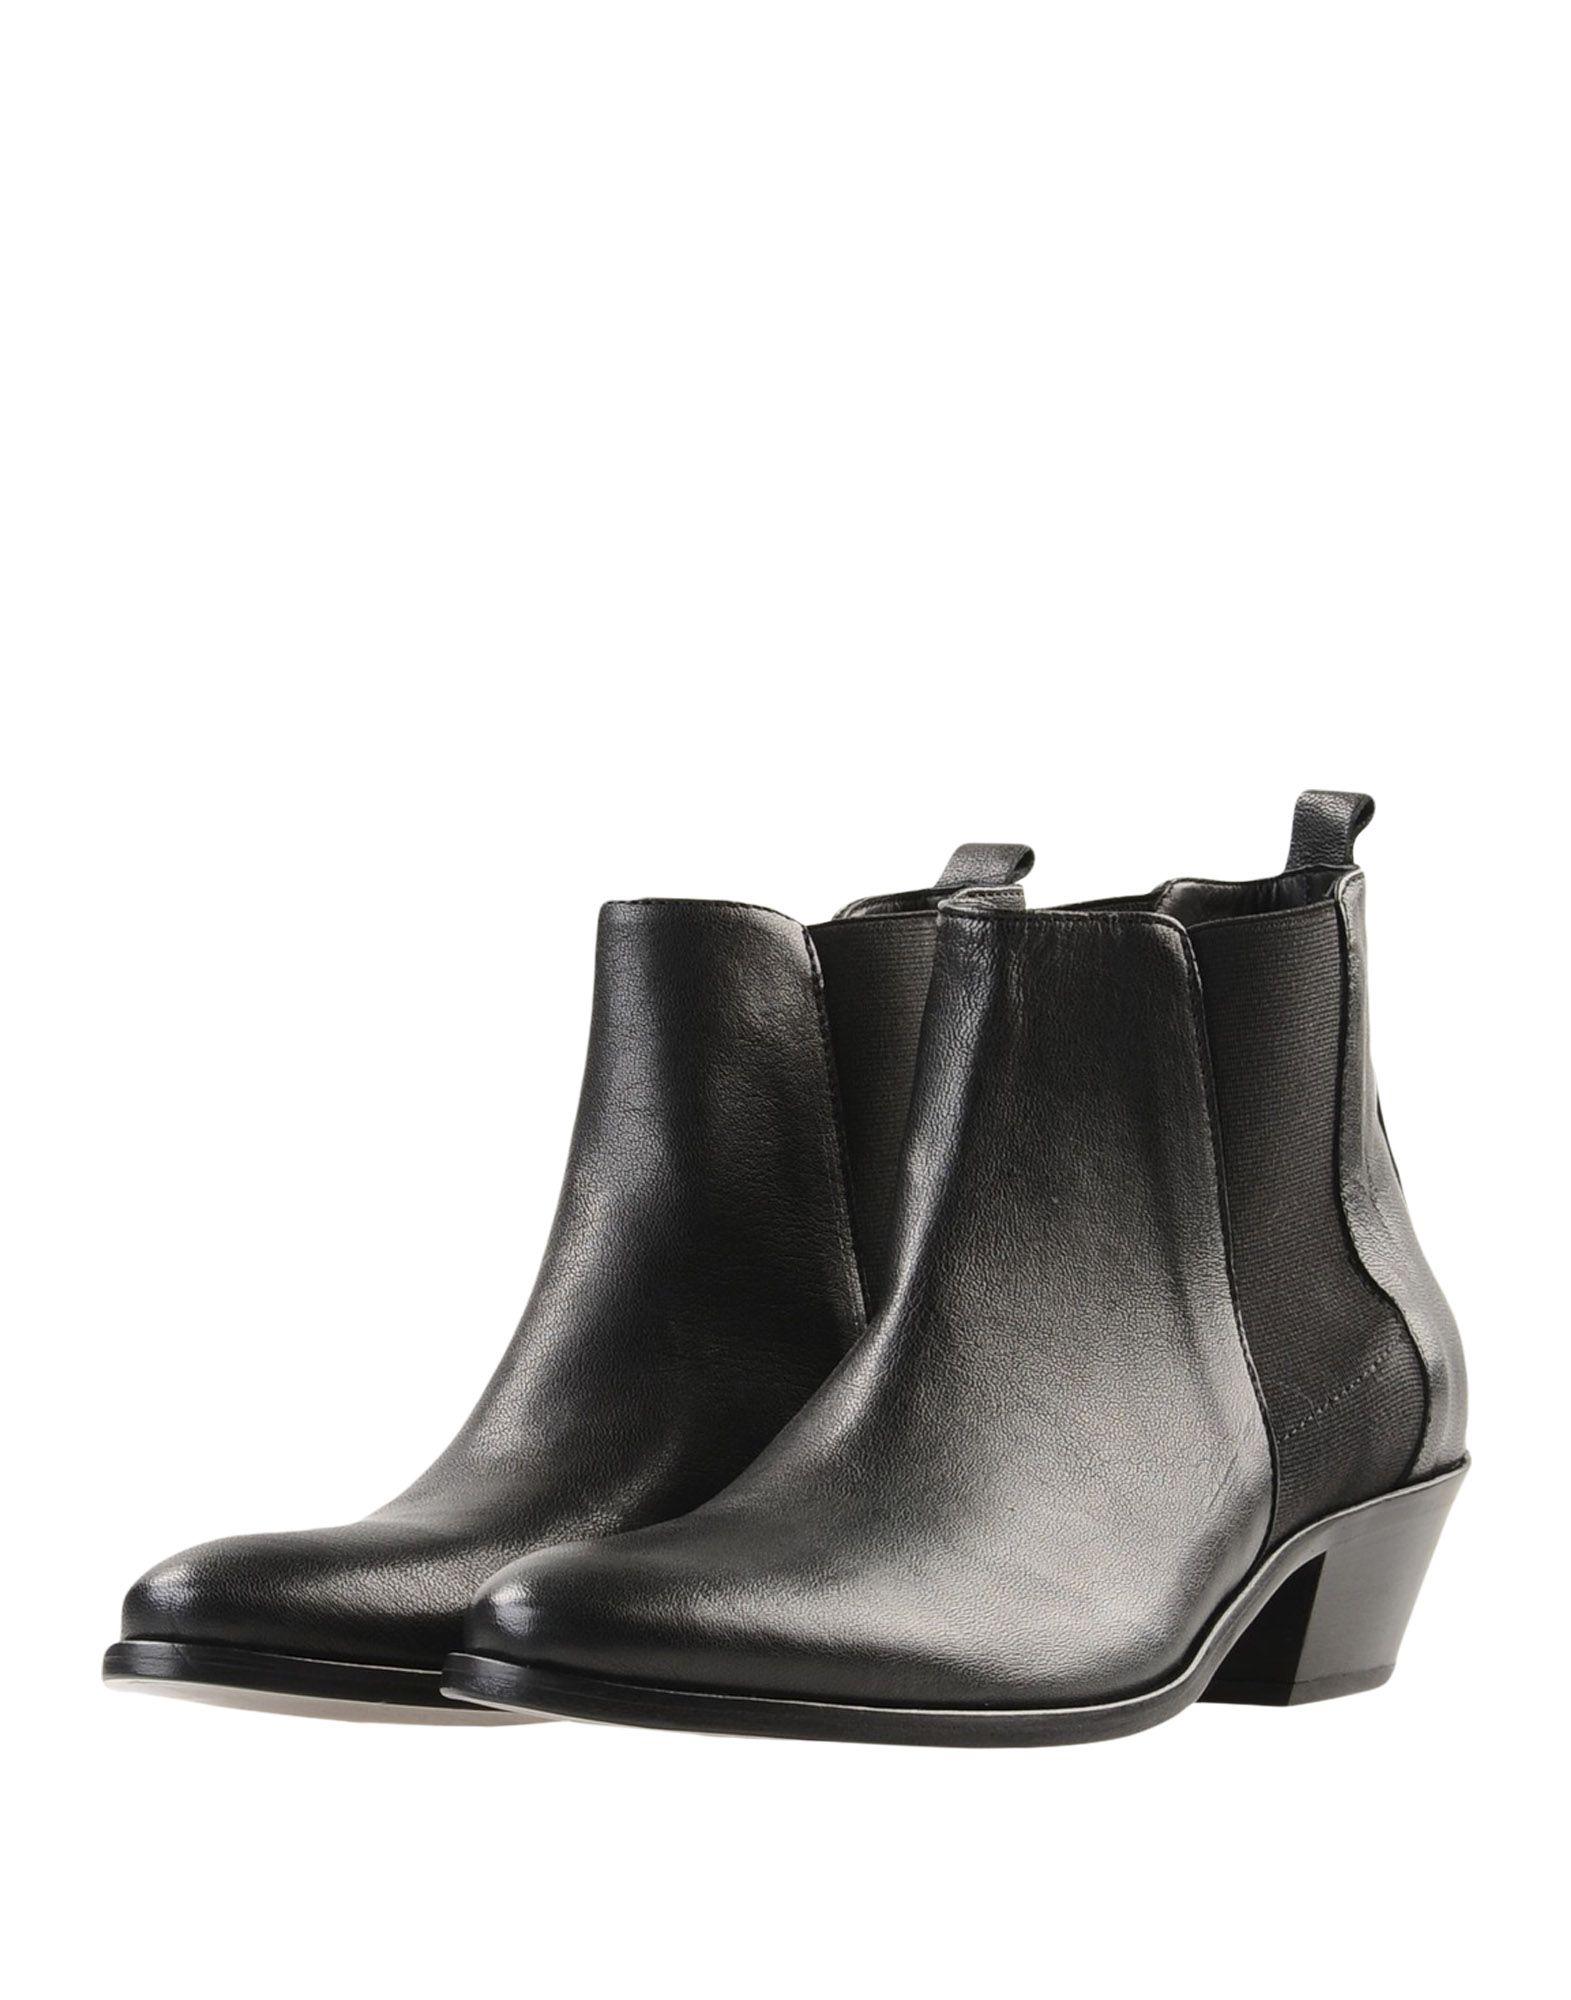 Lemaré Stiefelette strapazierfähige Damen  11560705CRGut aussehende strapazierfähige Stiefelette Schuhe 743cd9